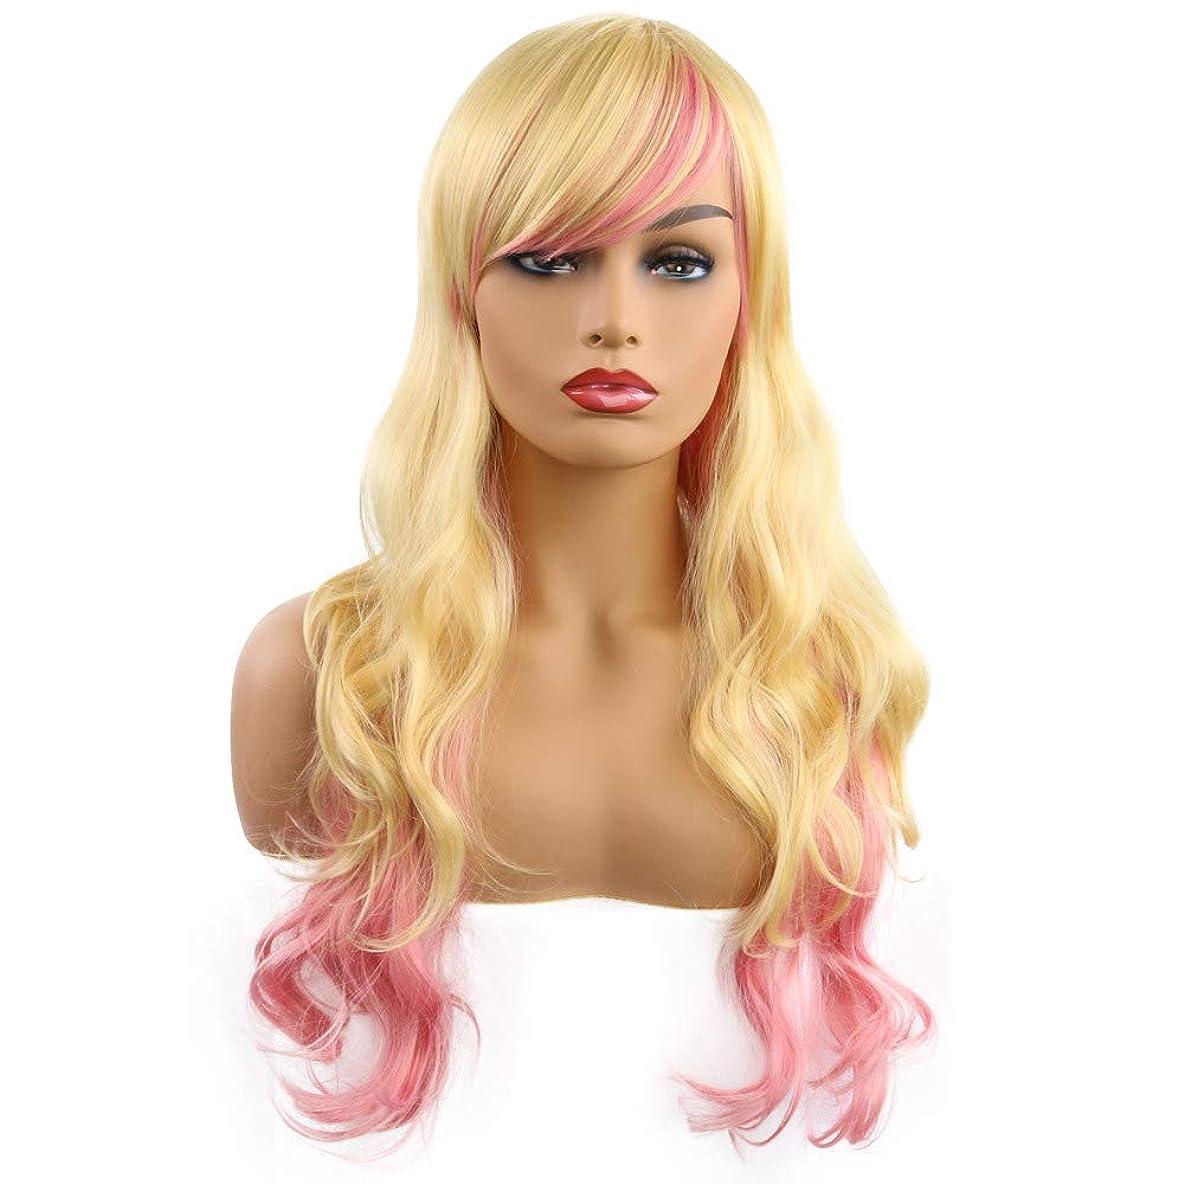 うめきスラックグロー女性かつらふわふわリアルなかつら長いかつら長いかつら耐熱かつら多色グラデーション65 cm